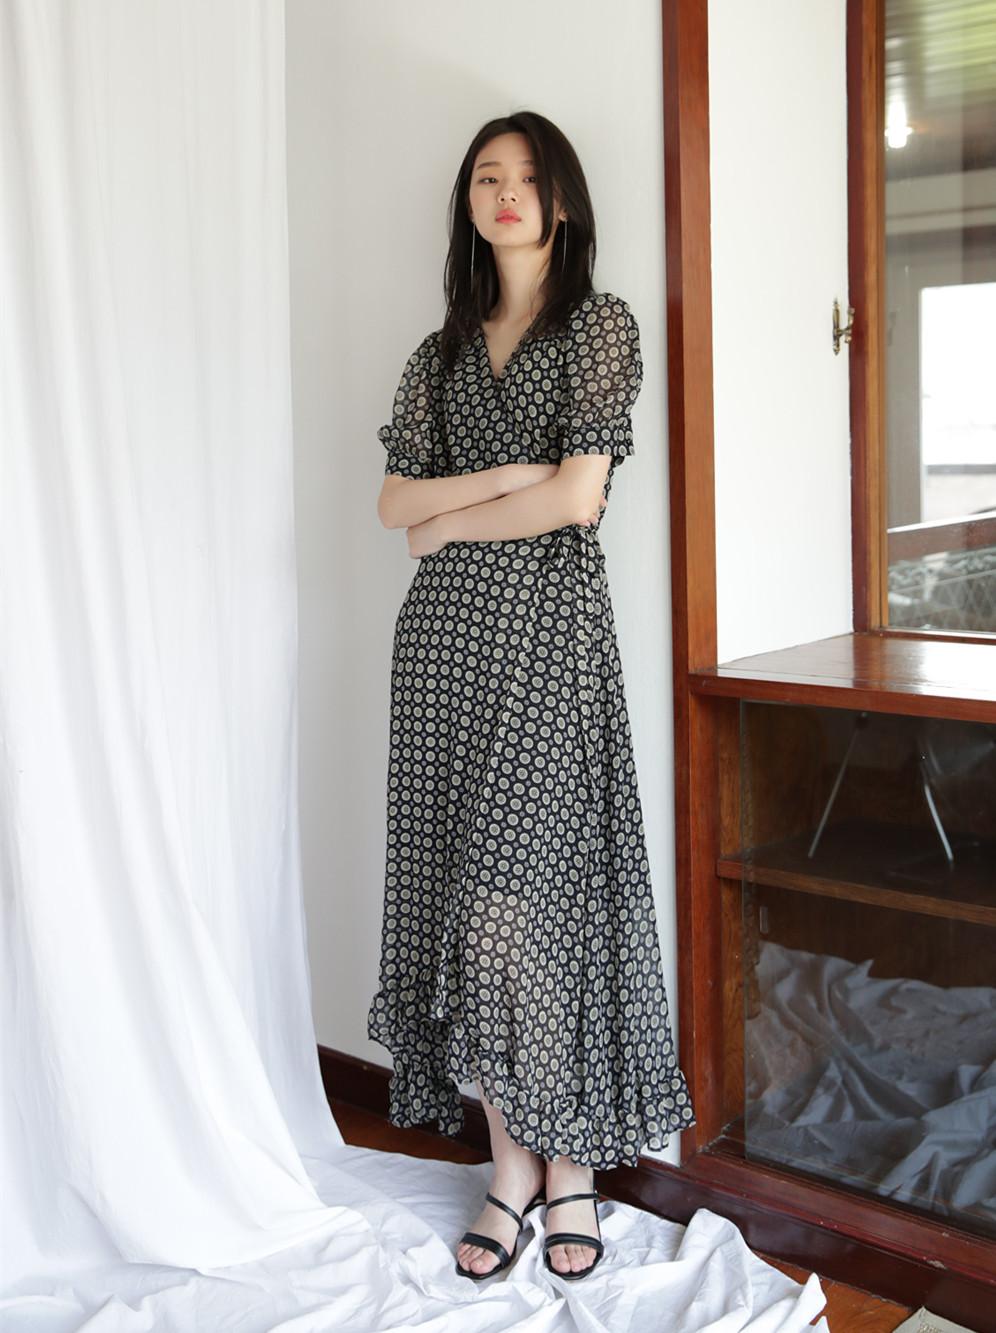 怎么选择裙子最显瘦 时尚达人教你连衣裙的显瘦穿搭技巧